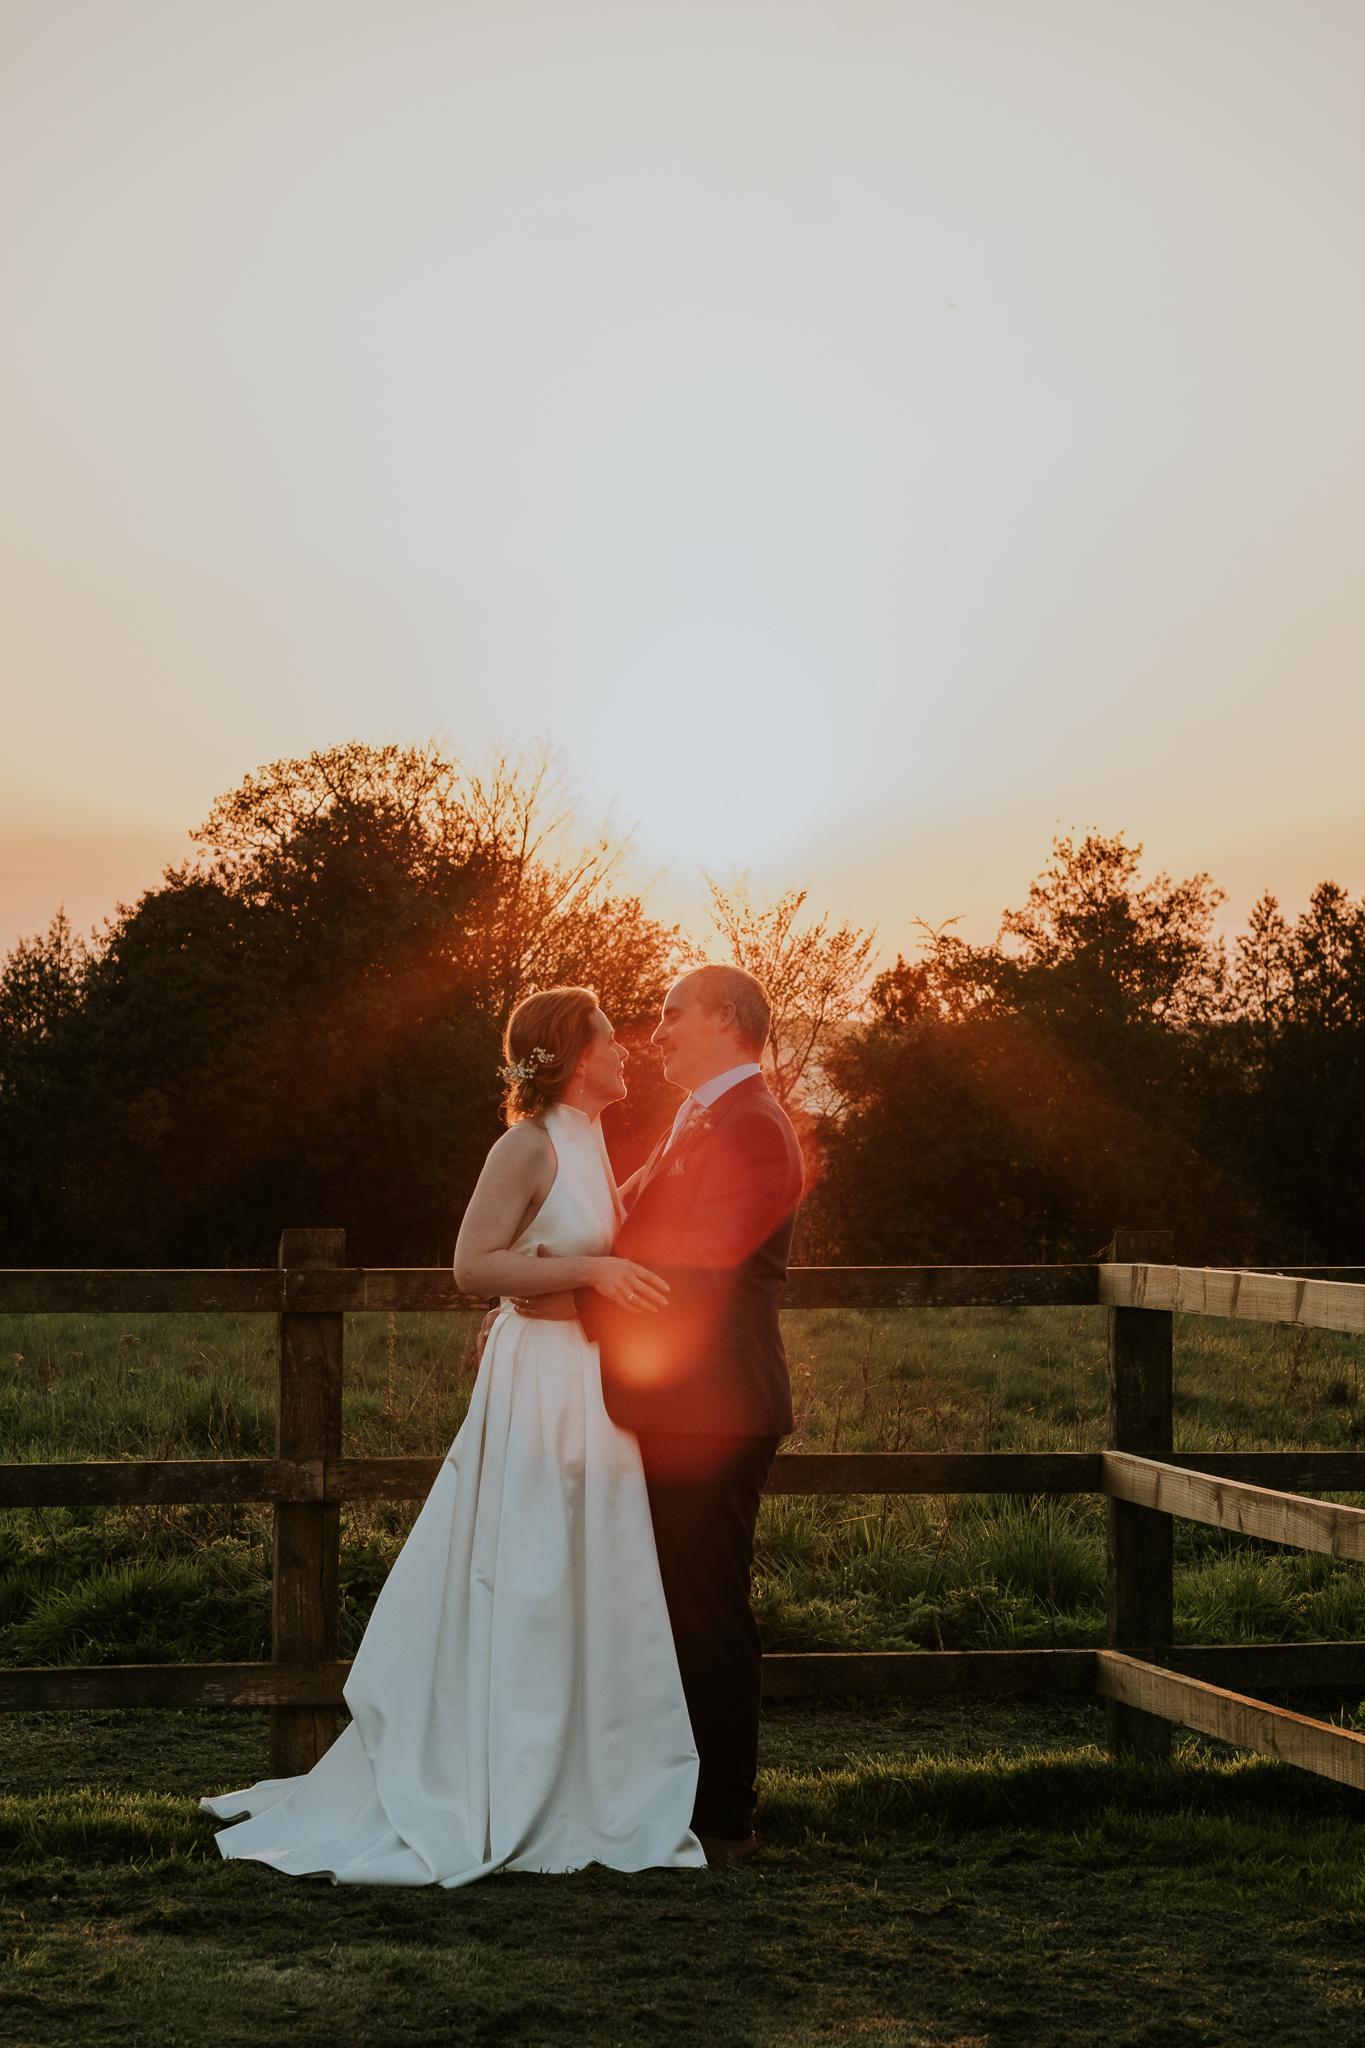 66 Surrey weddings joanna nicole photography2.jpg